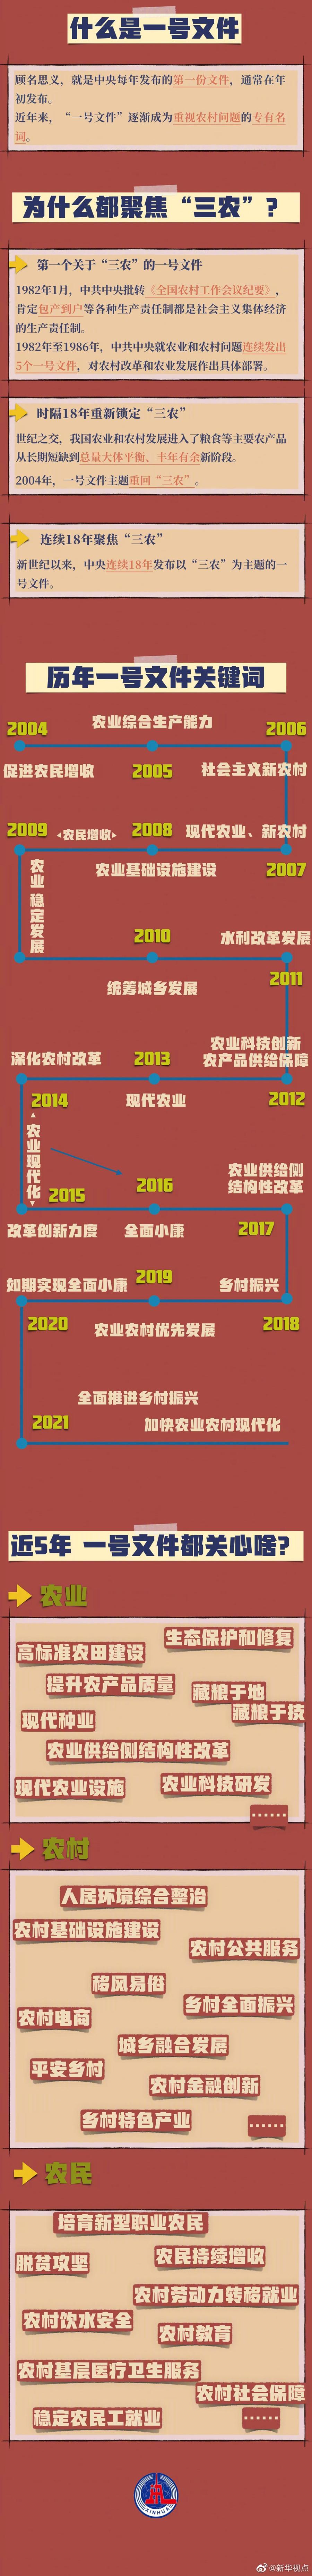 2021年中央一�文件 �v年一�文件重�c梳理